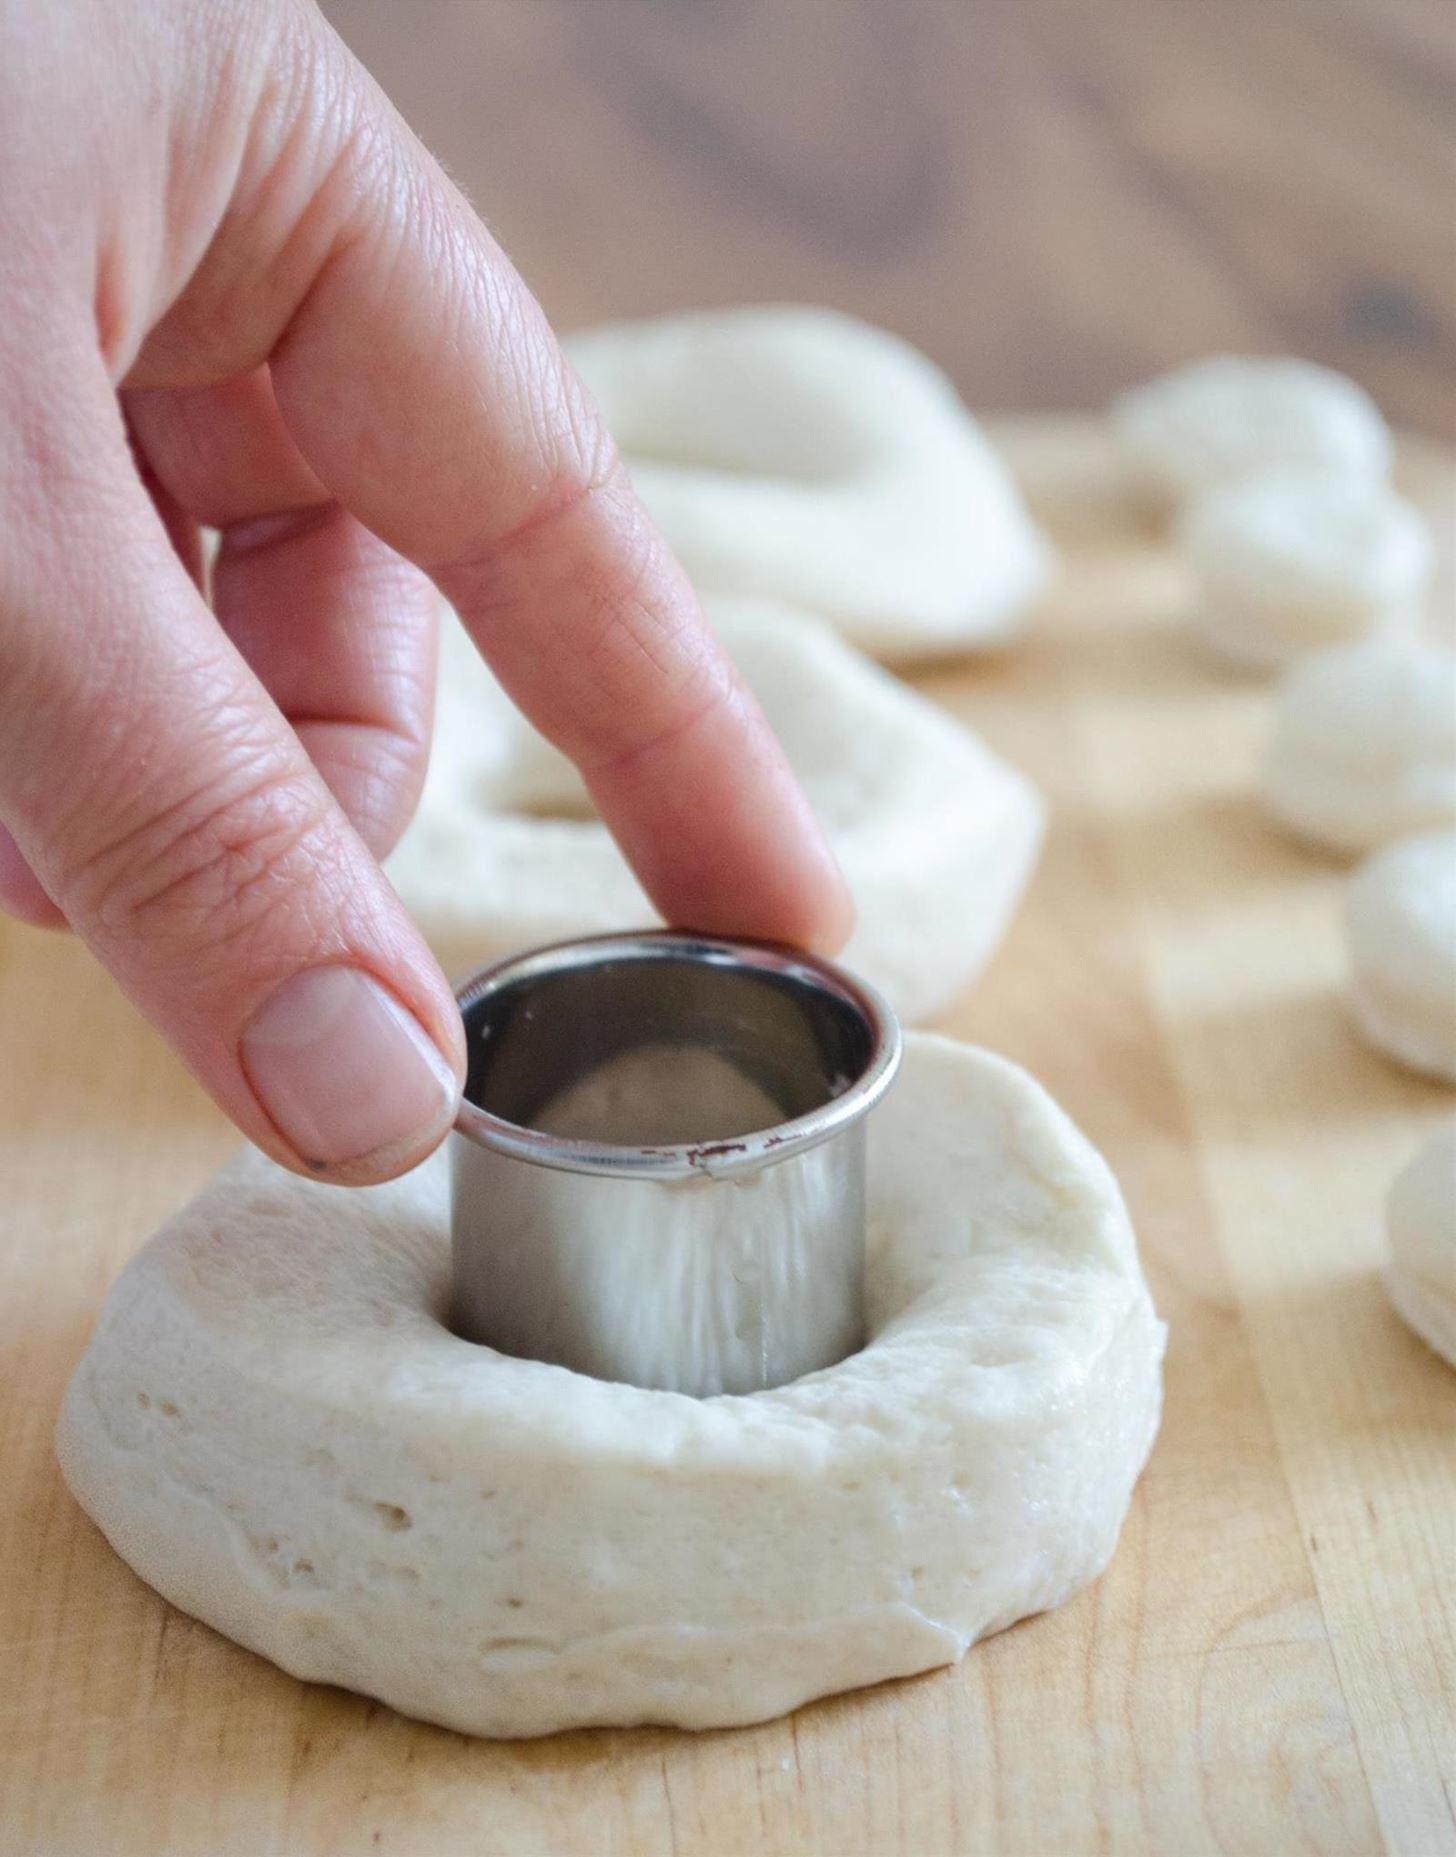 Cách làm bánh Donut Socola bông mềm và không cần lò nướng - Ảnh 7